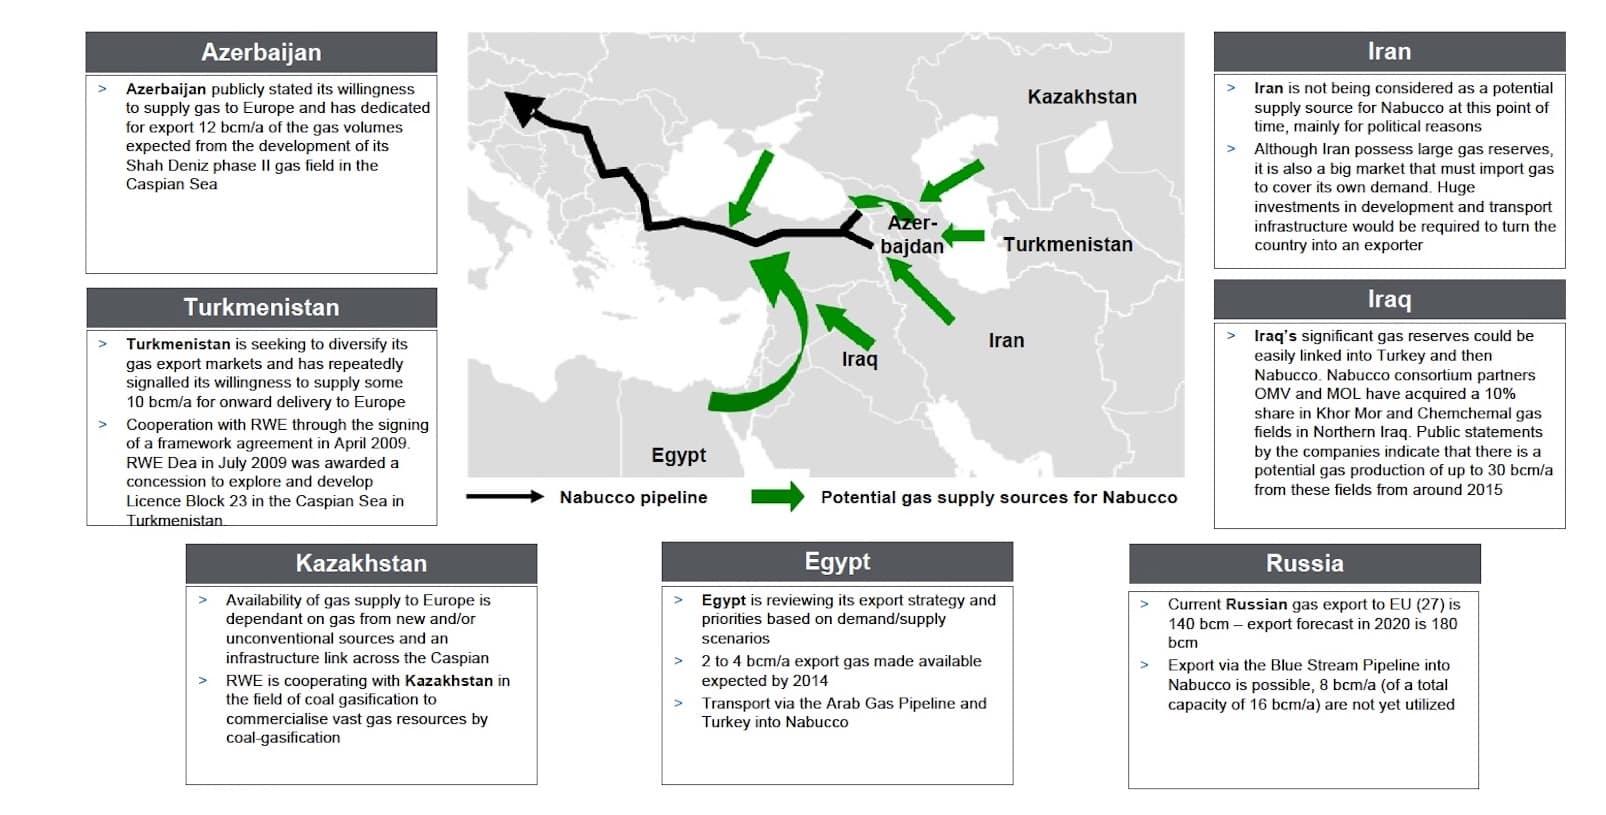 Geplante Pipelines im Nahen Osten, die weitaus realistischer sind, als die katarisch-türkische oder iranisch-irakisch-syrische. Quelle: RWE